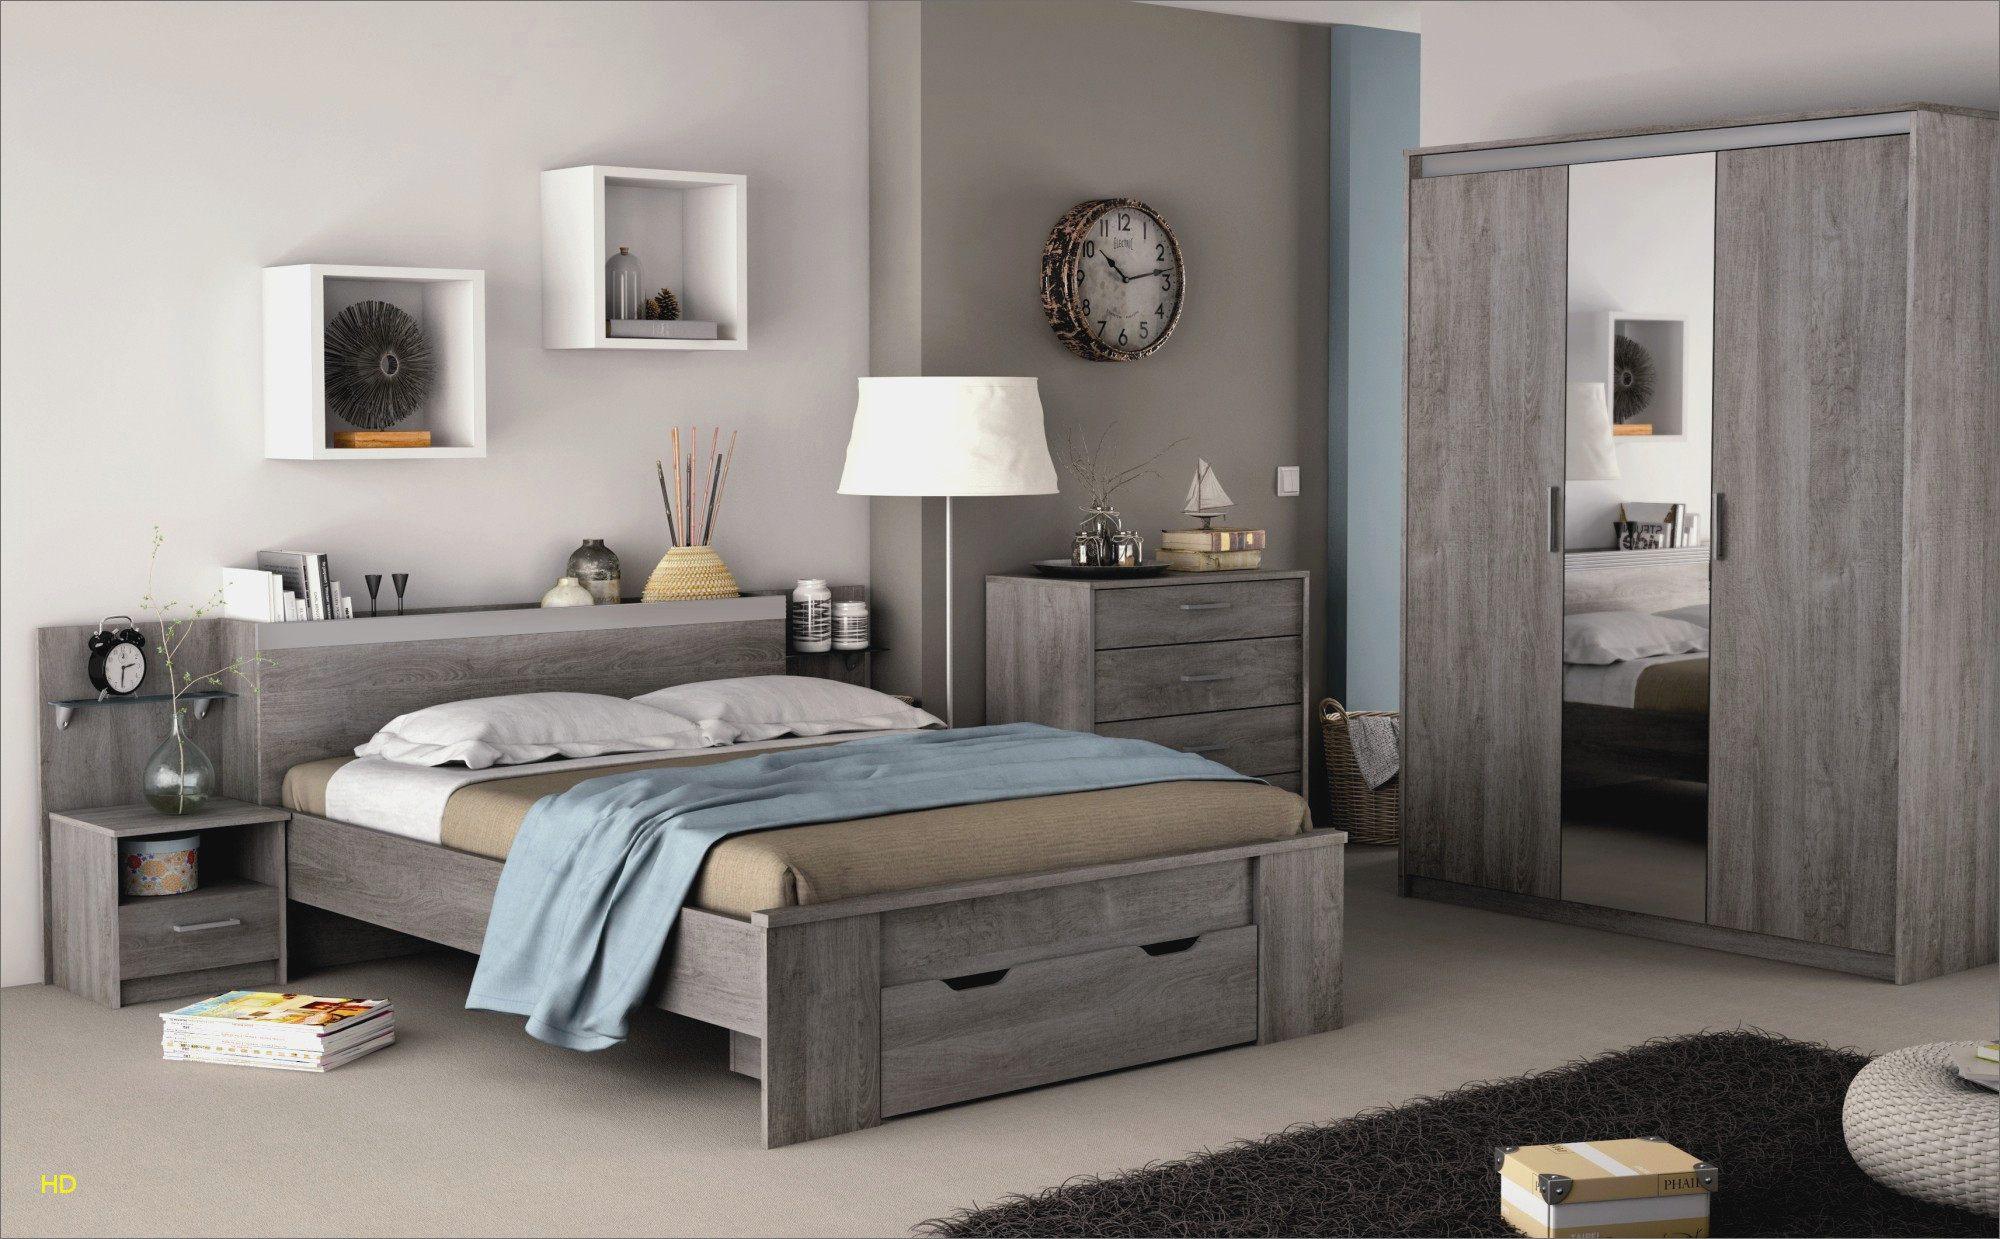 Lit Evolutif Avec Matelas Le Luxe Fantastique Lit Chambre Adulte Avec 20 New Chambre Plete Adulte Ikea